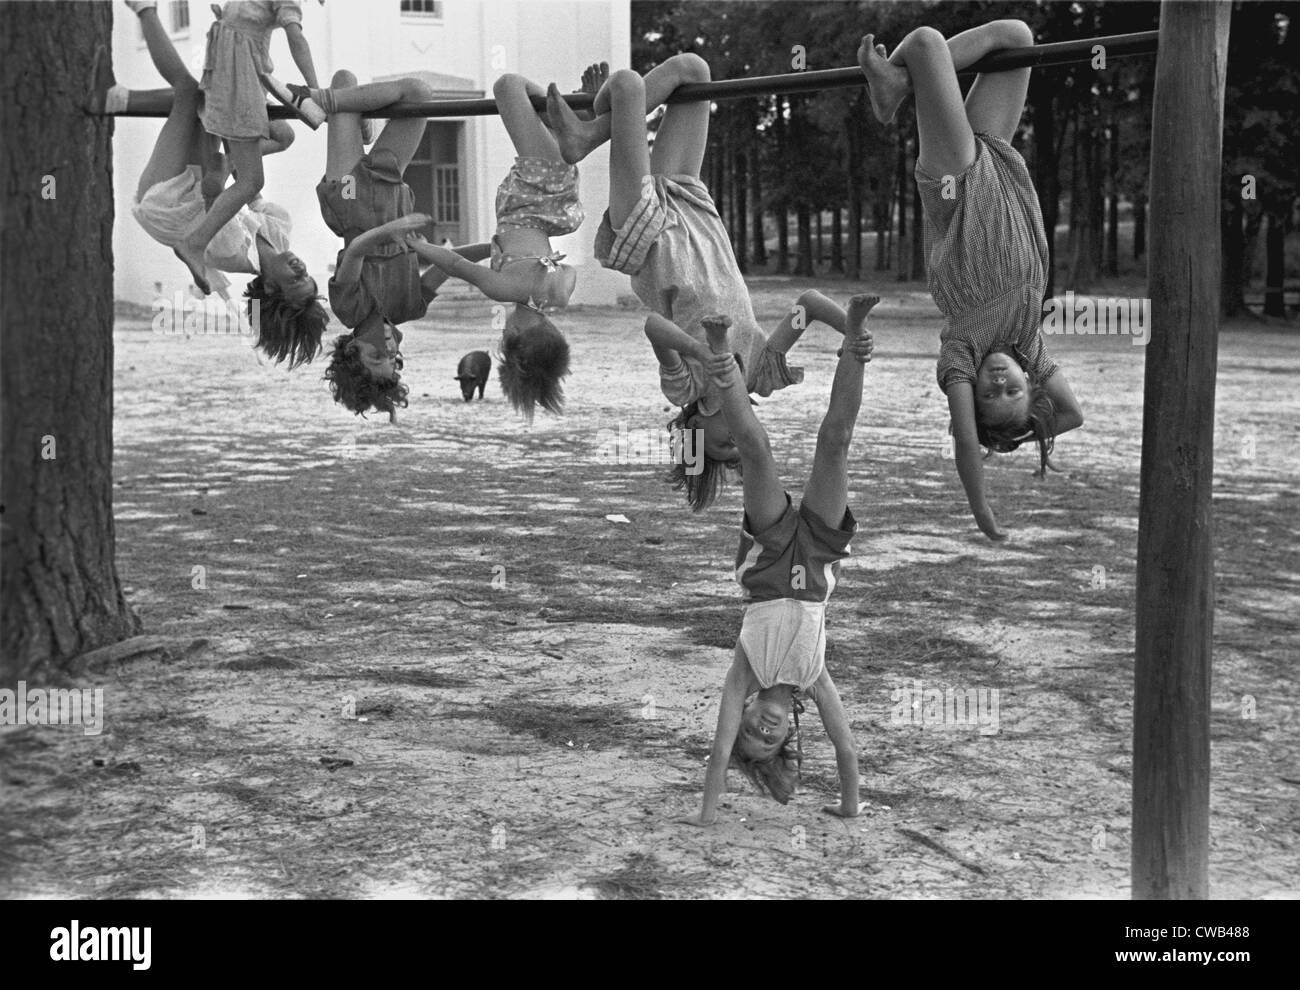 Niños jugando en un parque, escuela Irwinville, Georgia, Fotografía de John Vachon, mayo de 1938. Imagen De Stock